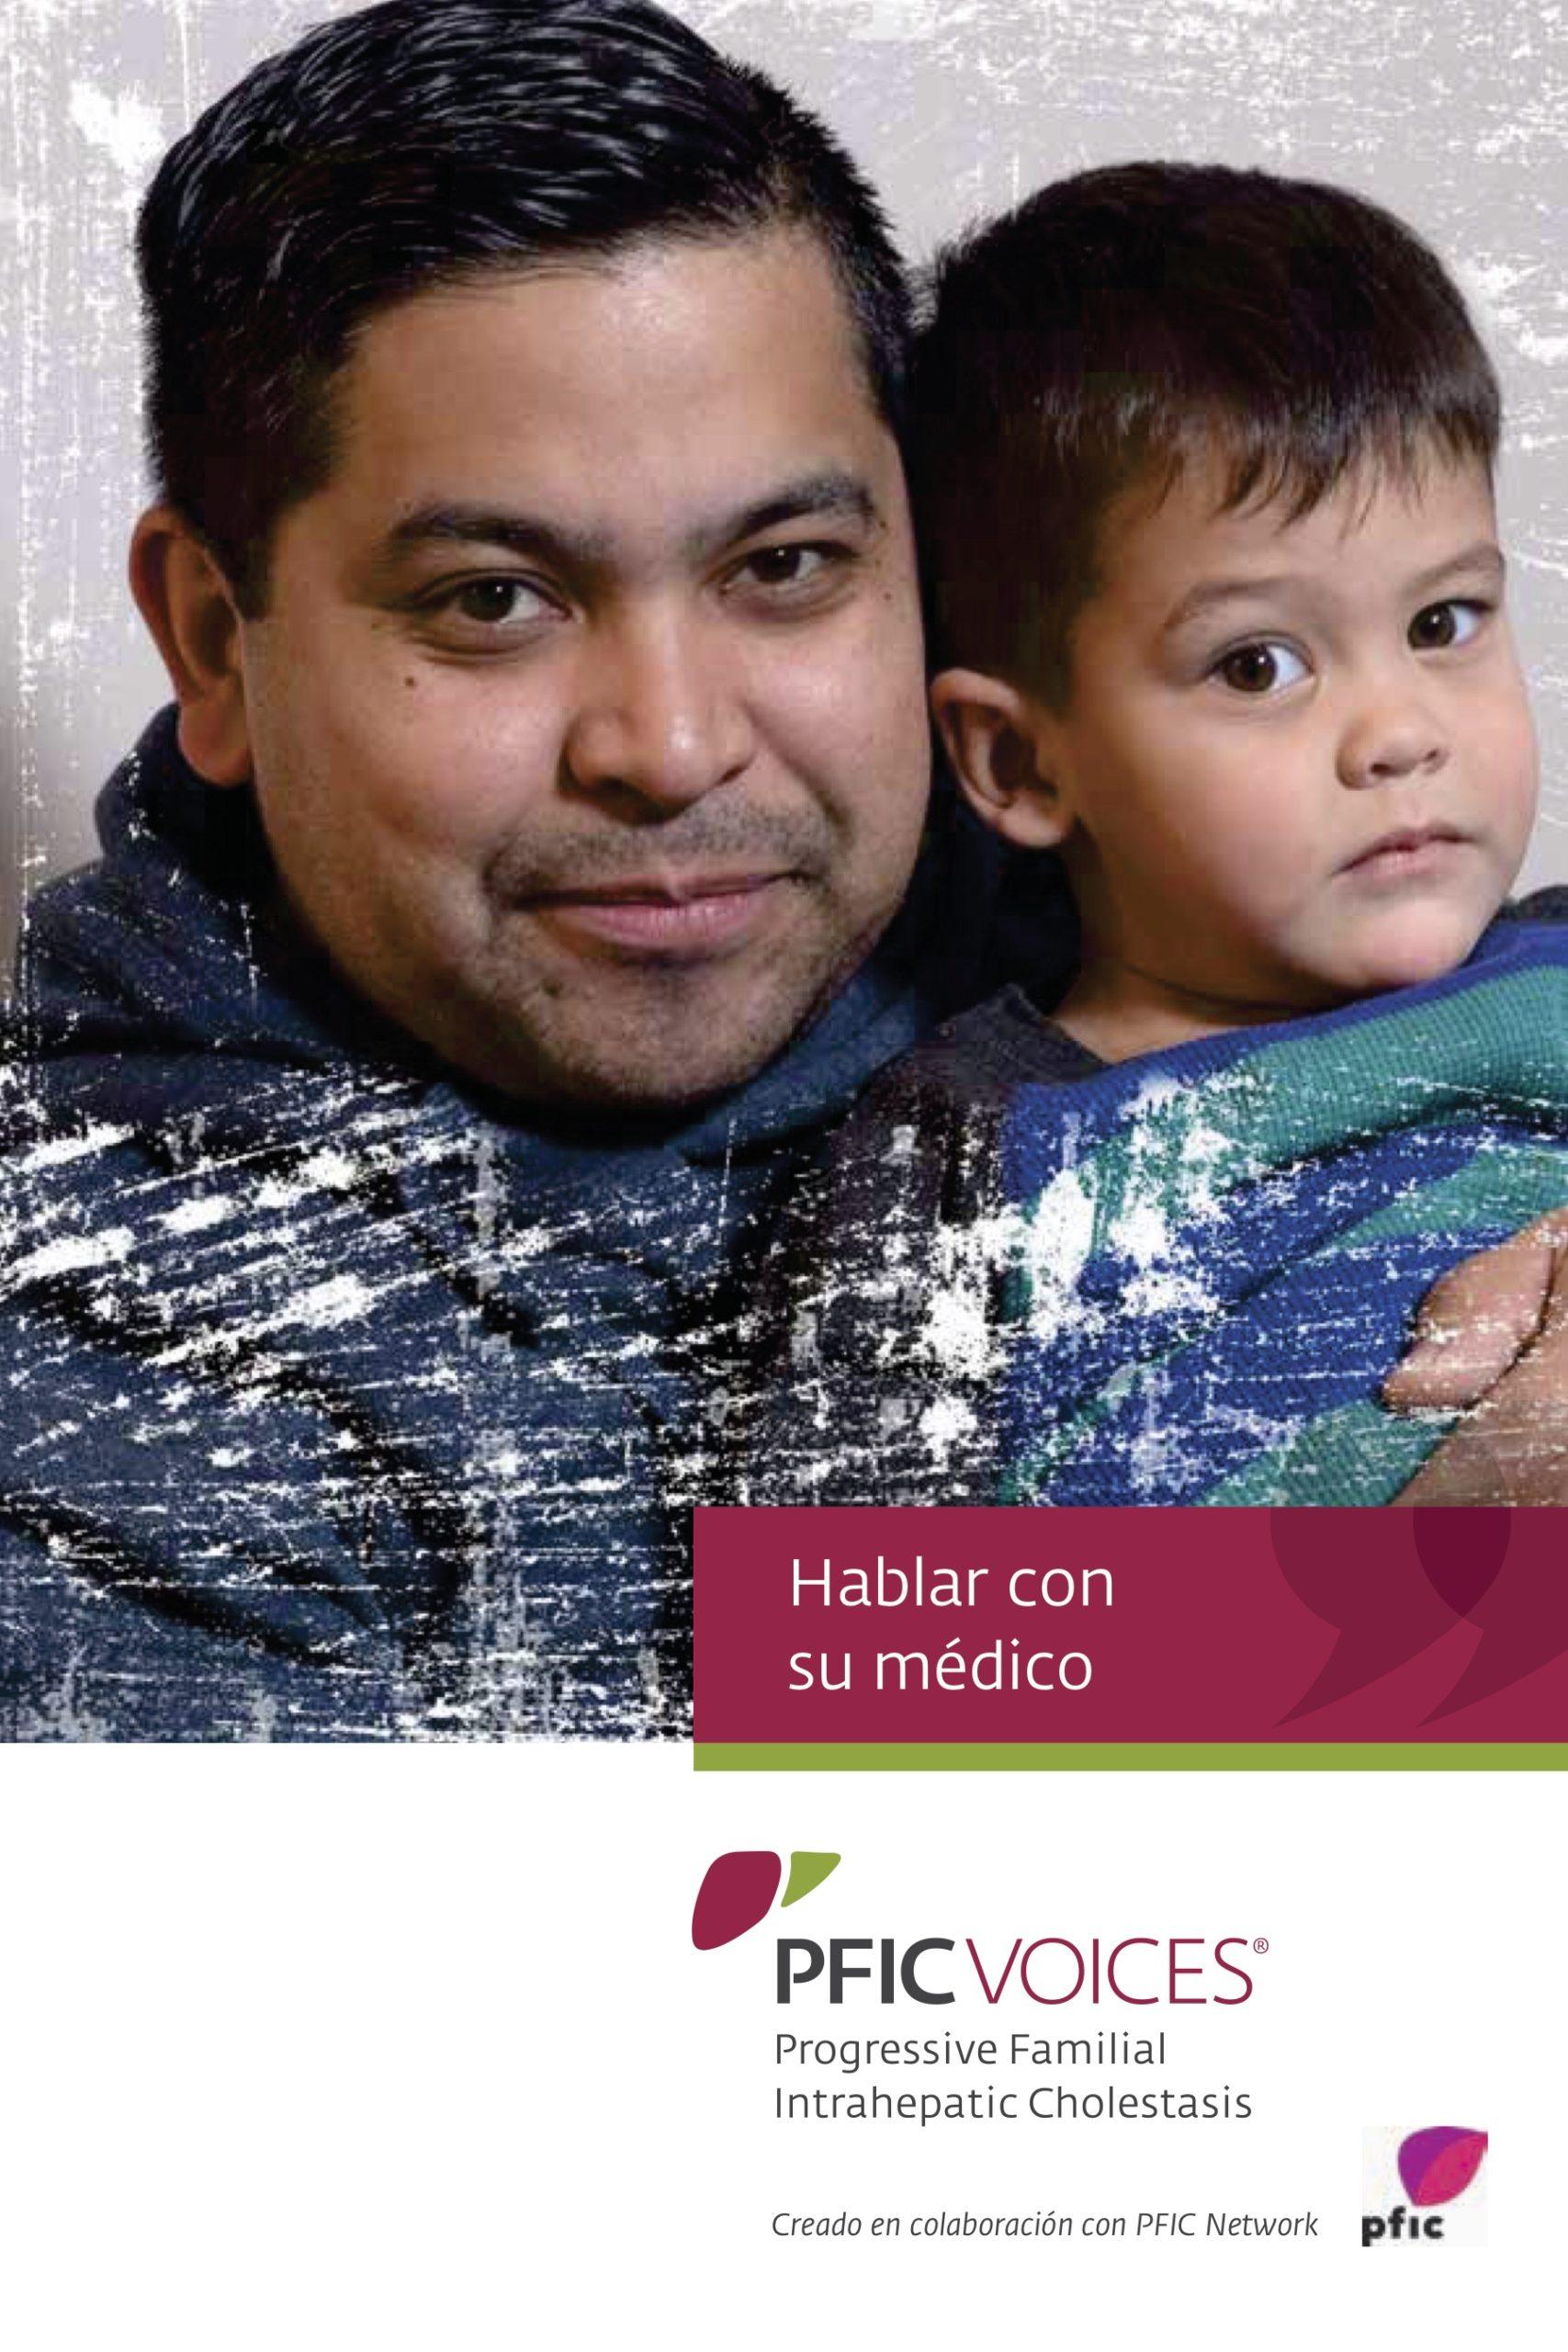 Guía sobre la Colestasis Intrahepática Familiar Progresiva (PFIC, en sus siglas en inglés)